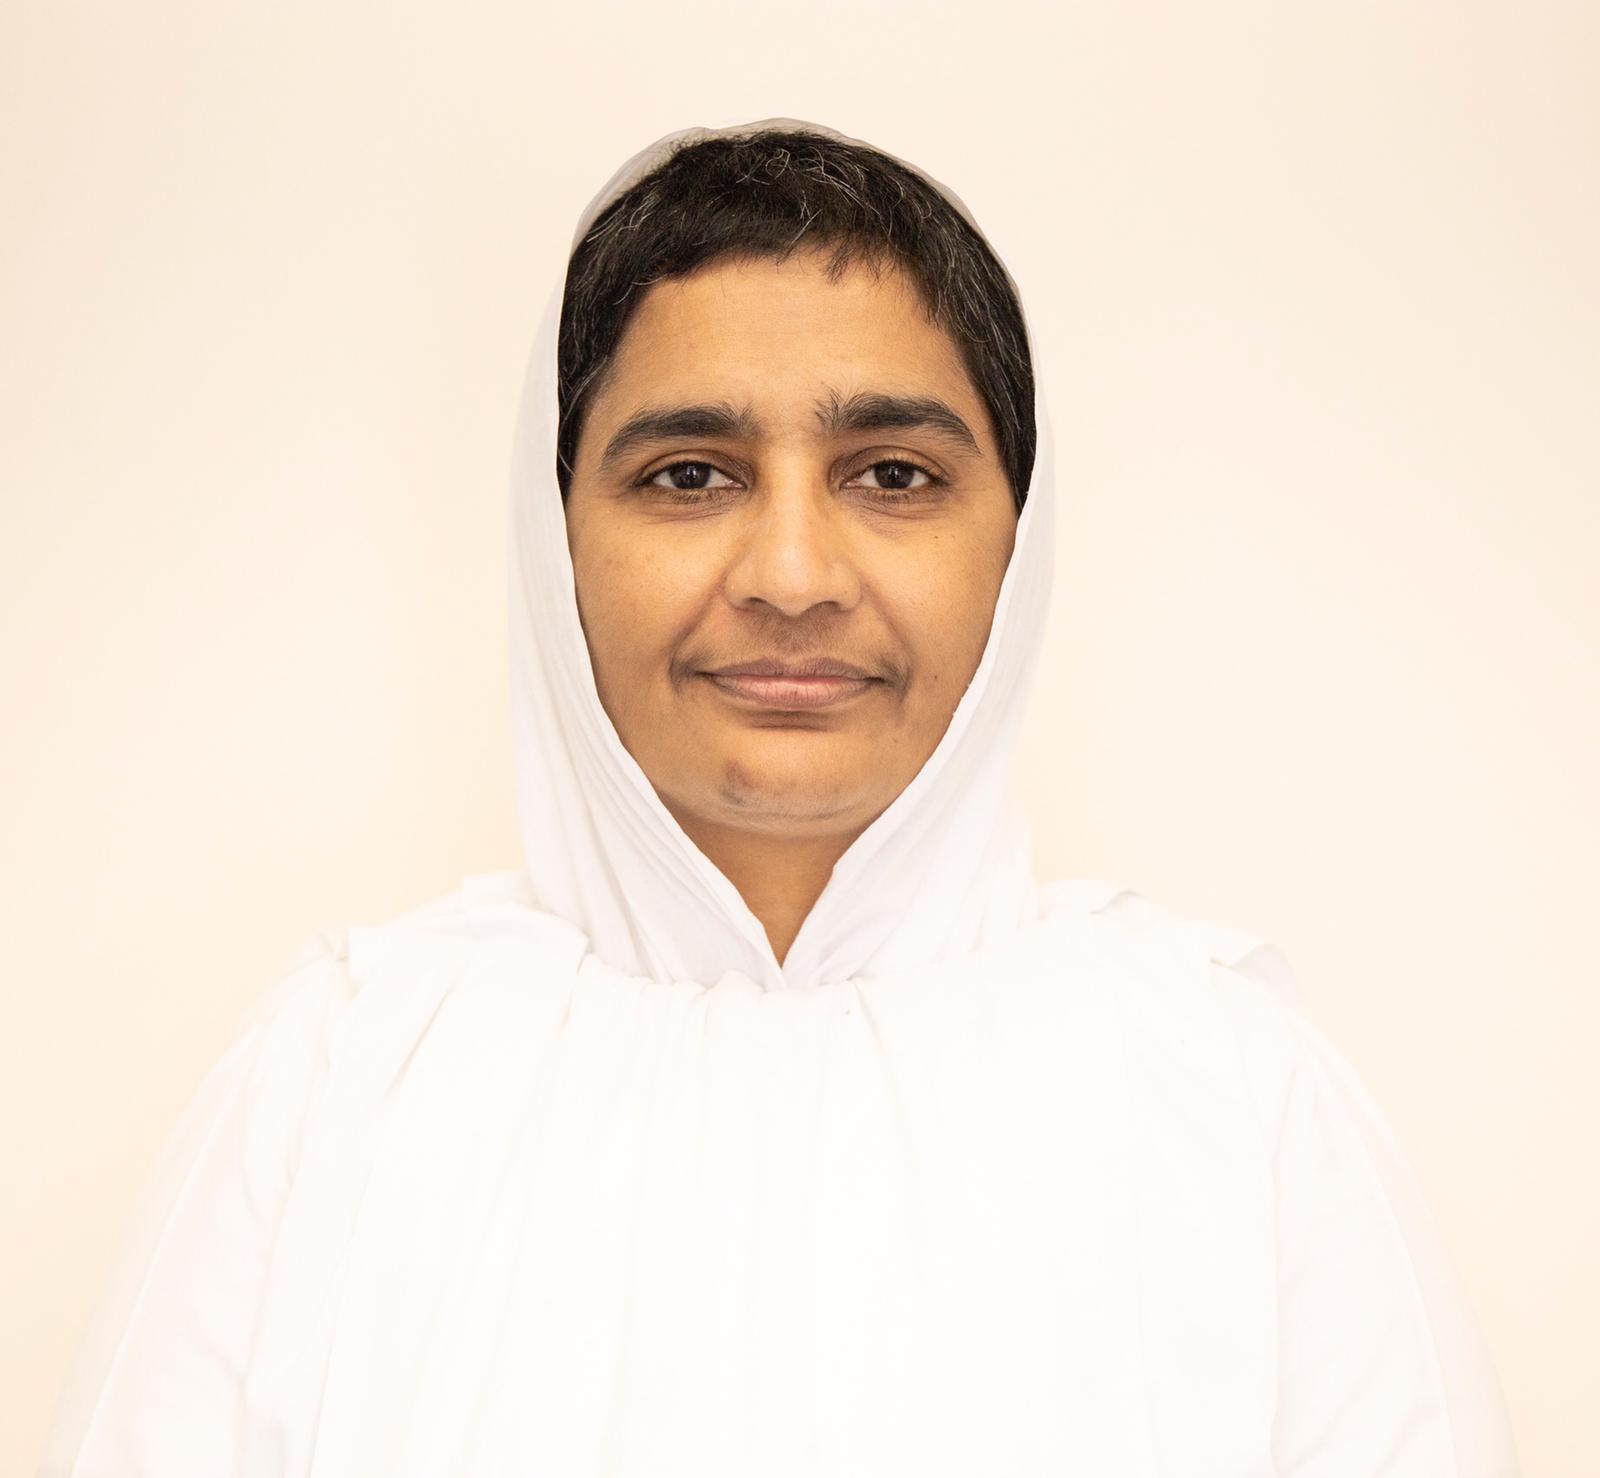 Samani Swaran Pragya ji